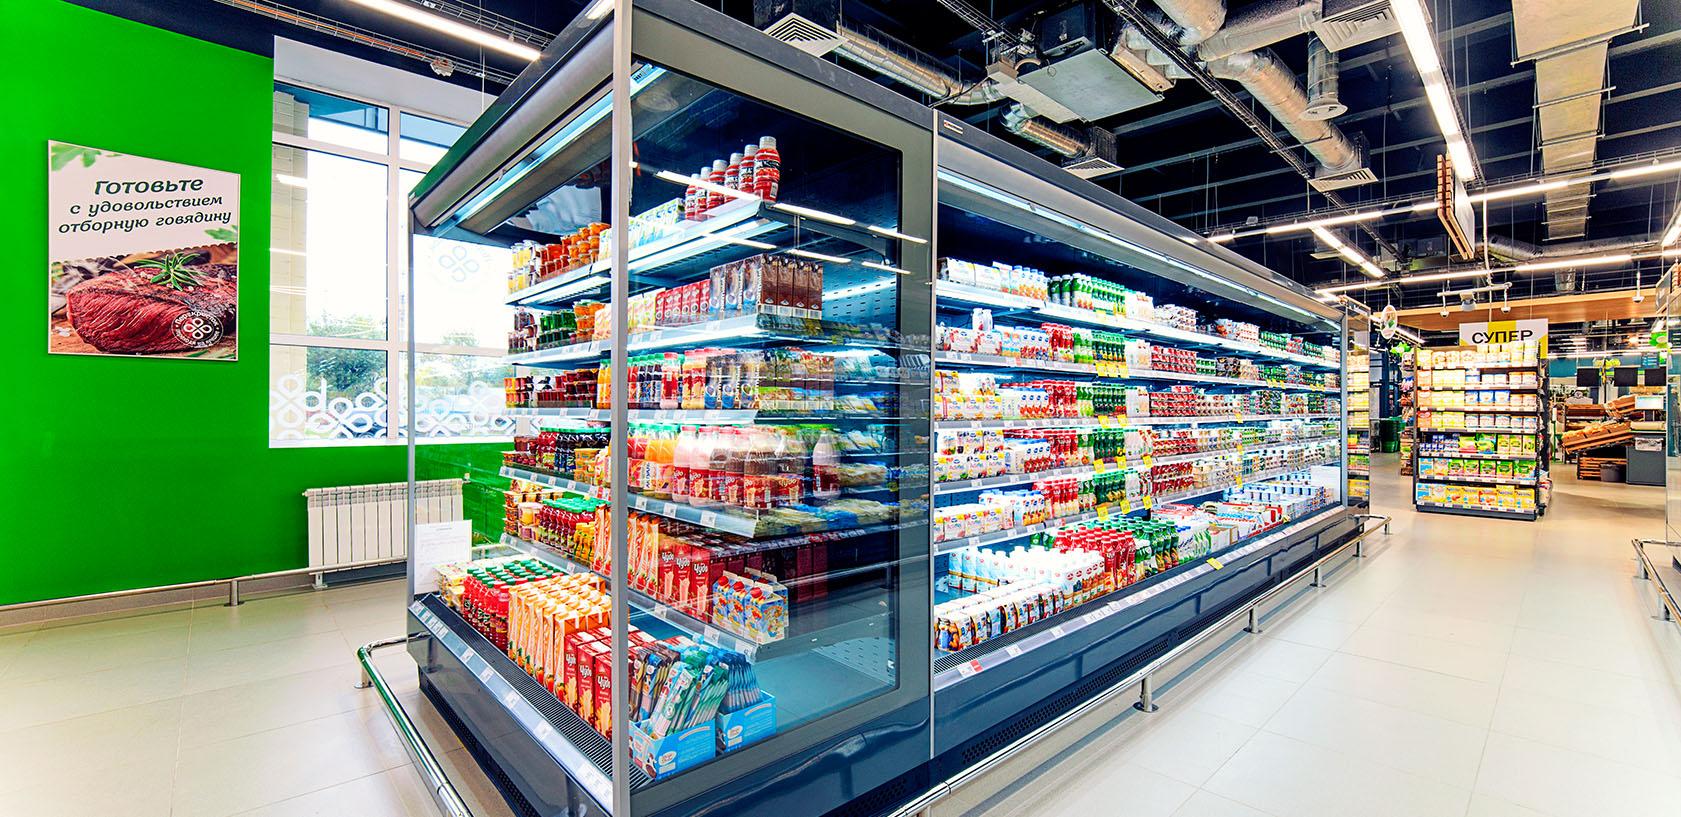 Холодильные витрины в магазине Зеленый перекресток Ярославль